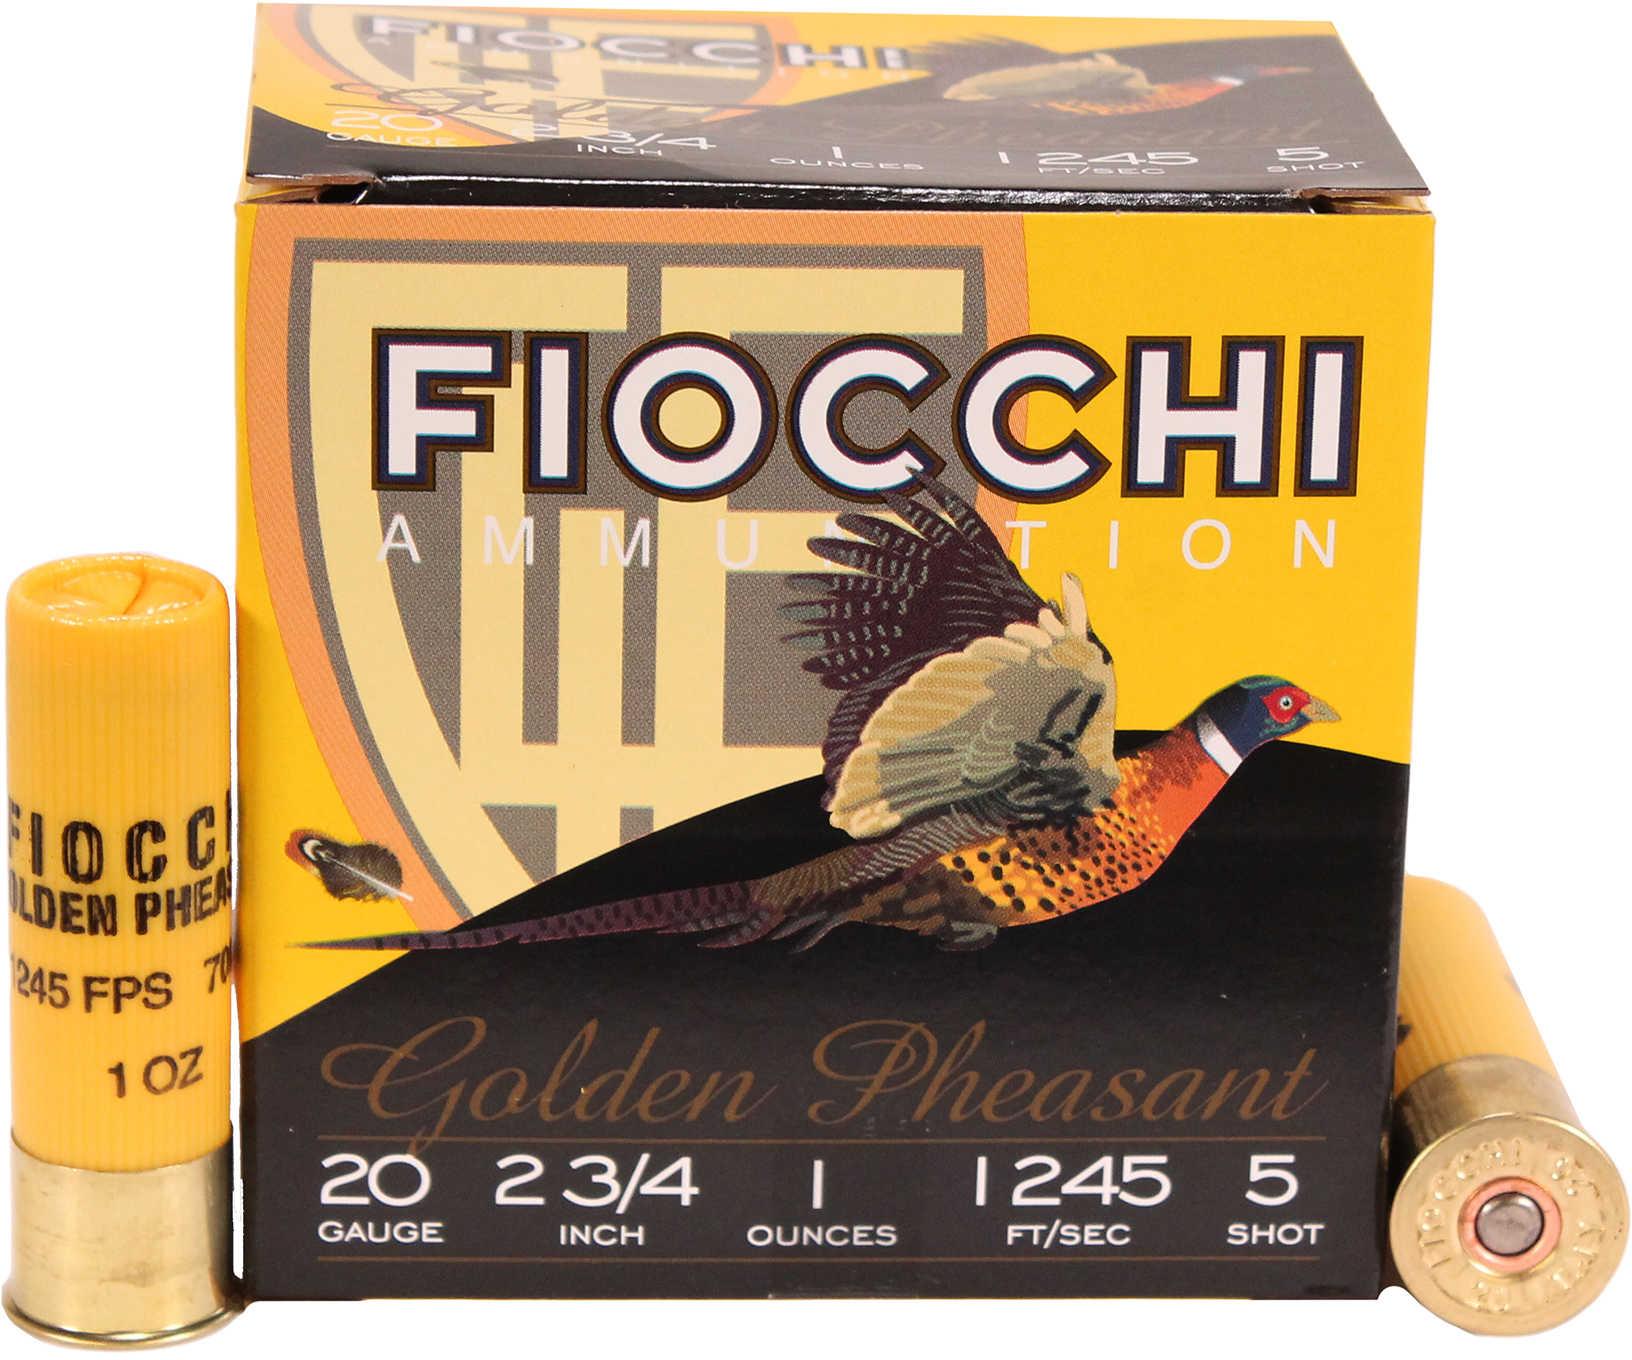 """Fiocchi Ammo Golden Pheasant 20 Gauge 2 3/4"""" 1Oz #5 25 Rounds Ammunition 20GP5"""